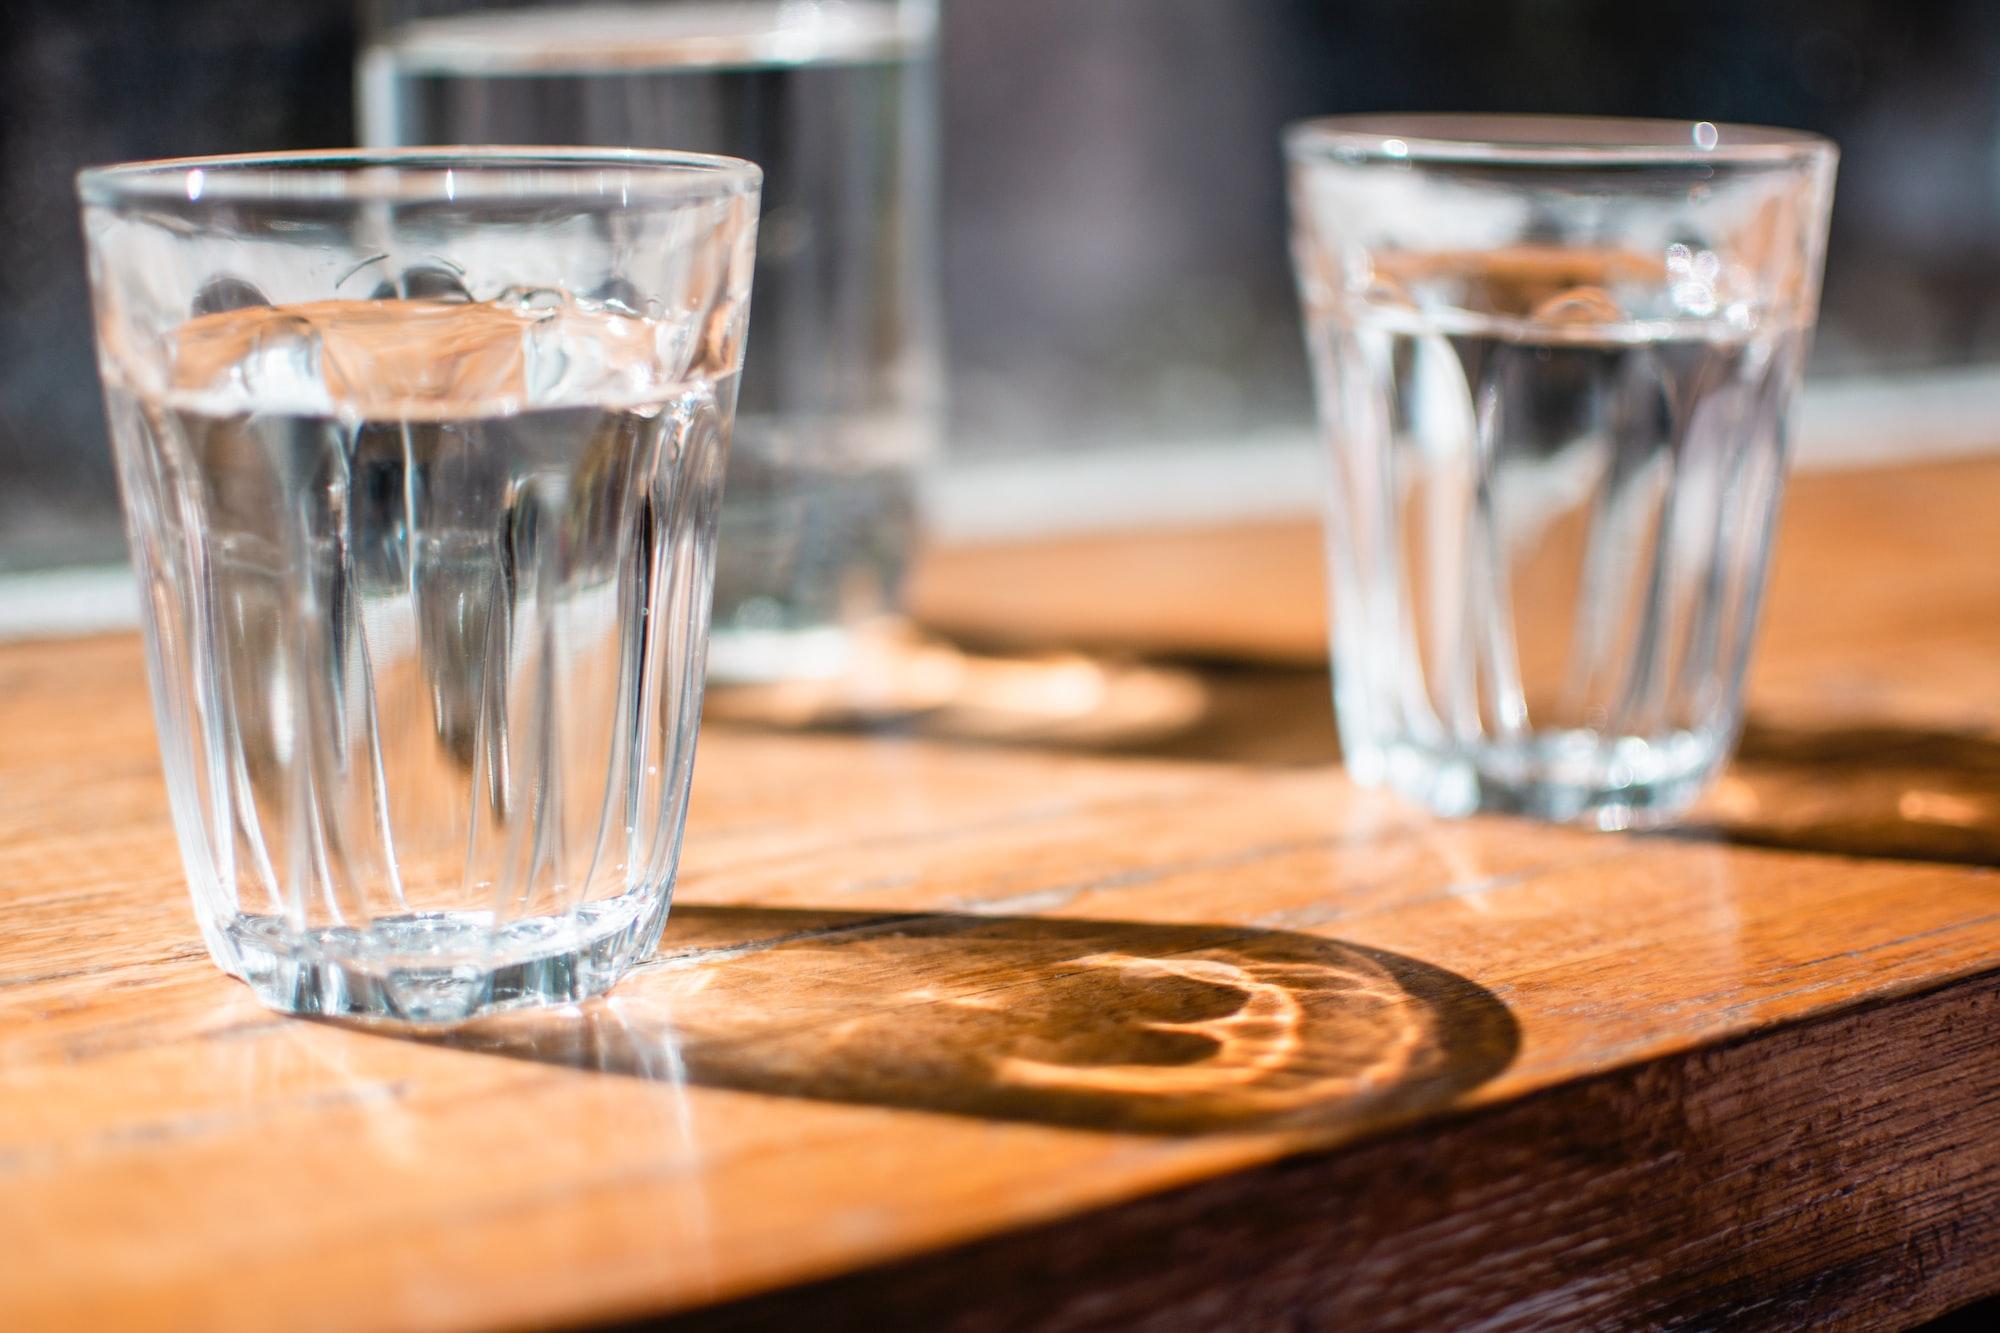 ในแต่ละวันเราควรดื่มน้ำกี่แก้ว ?